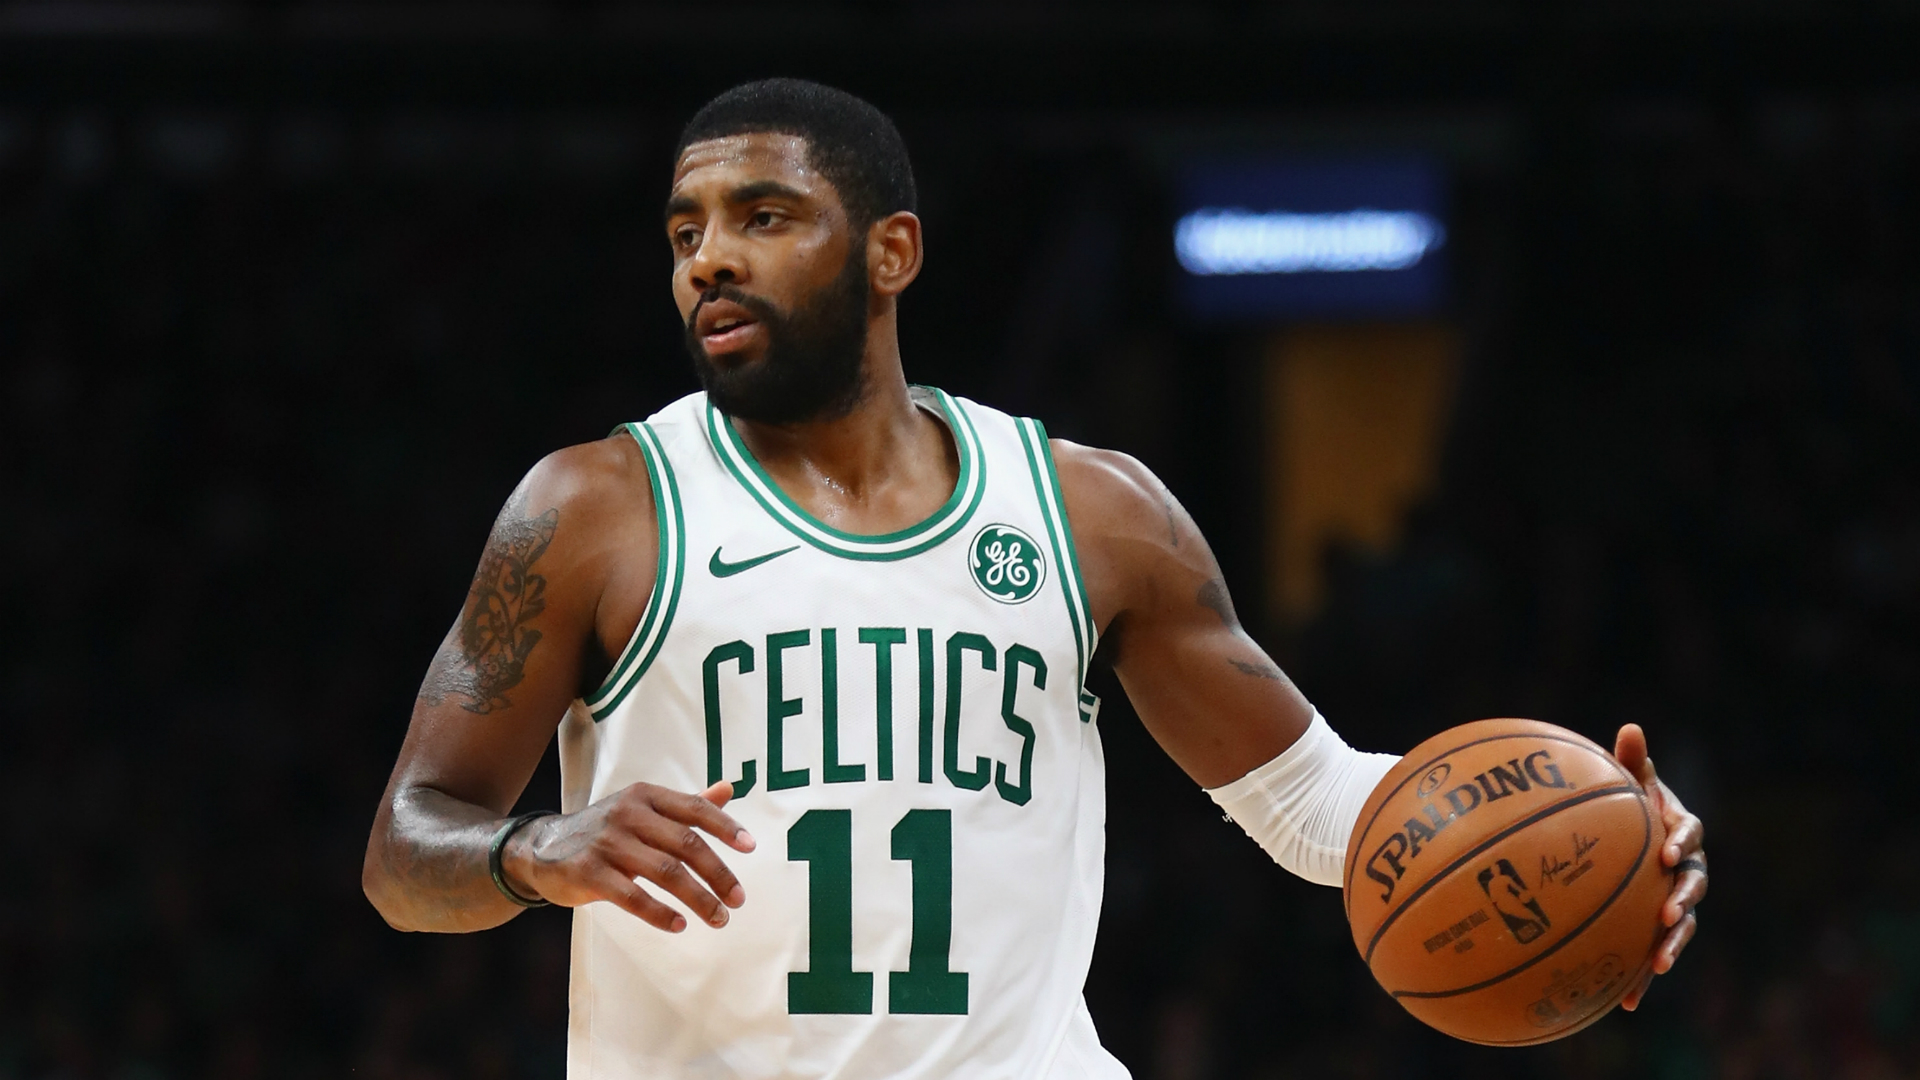 prix compétitif 027ba ab994 NBA wrap: Kyrie Irving sizzles as Celtics beat Raptors in ...